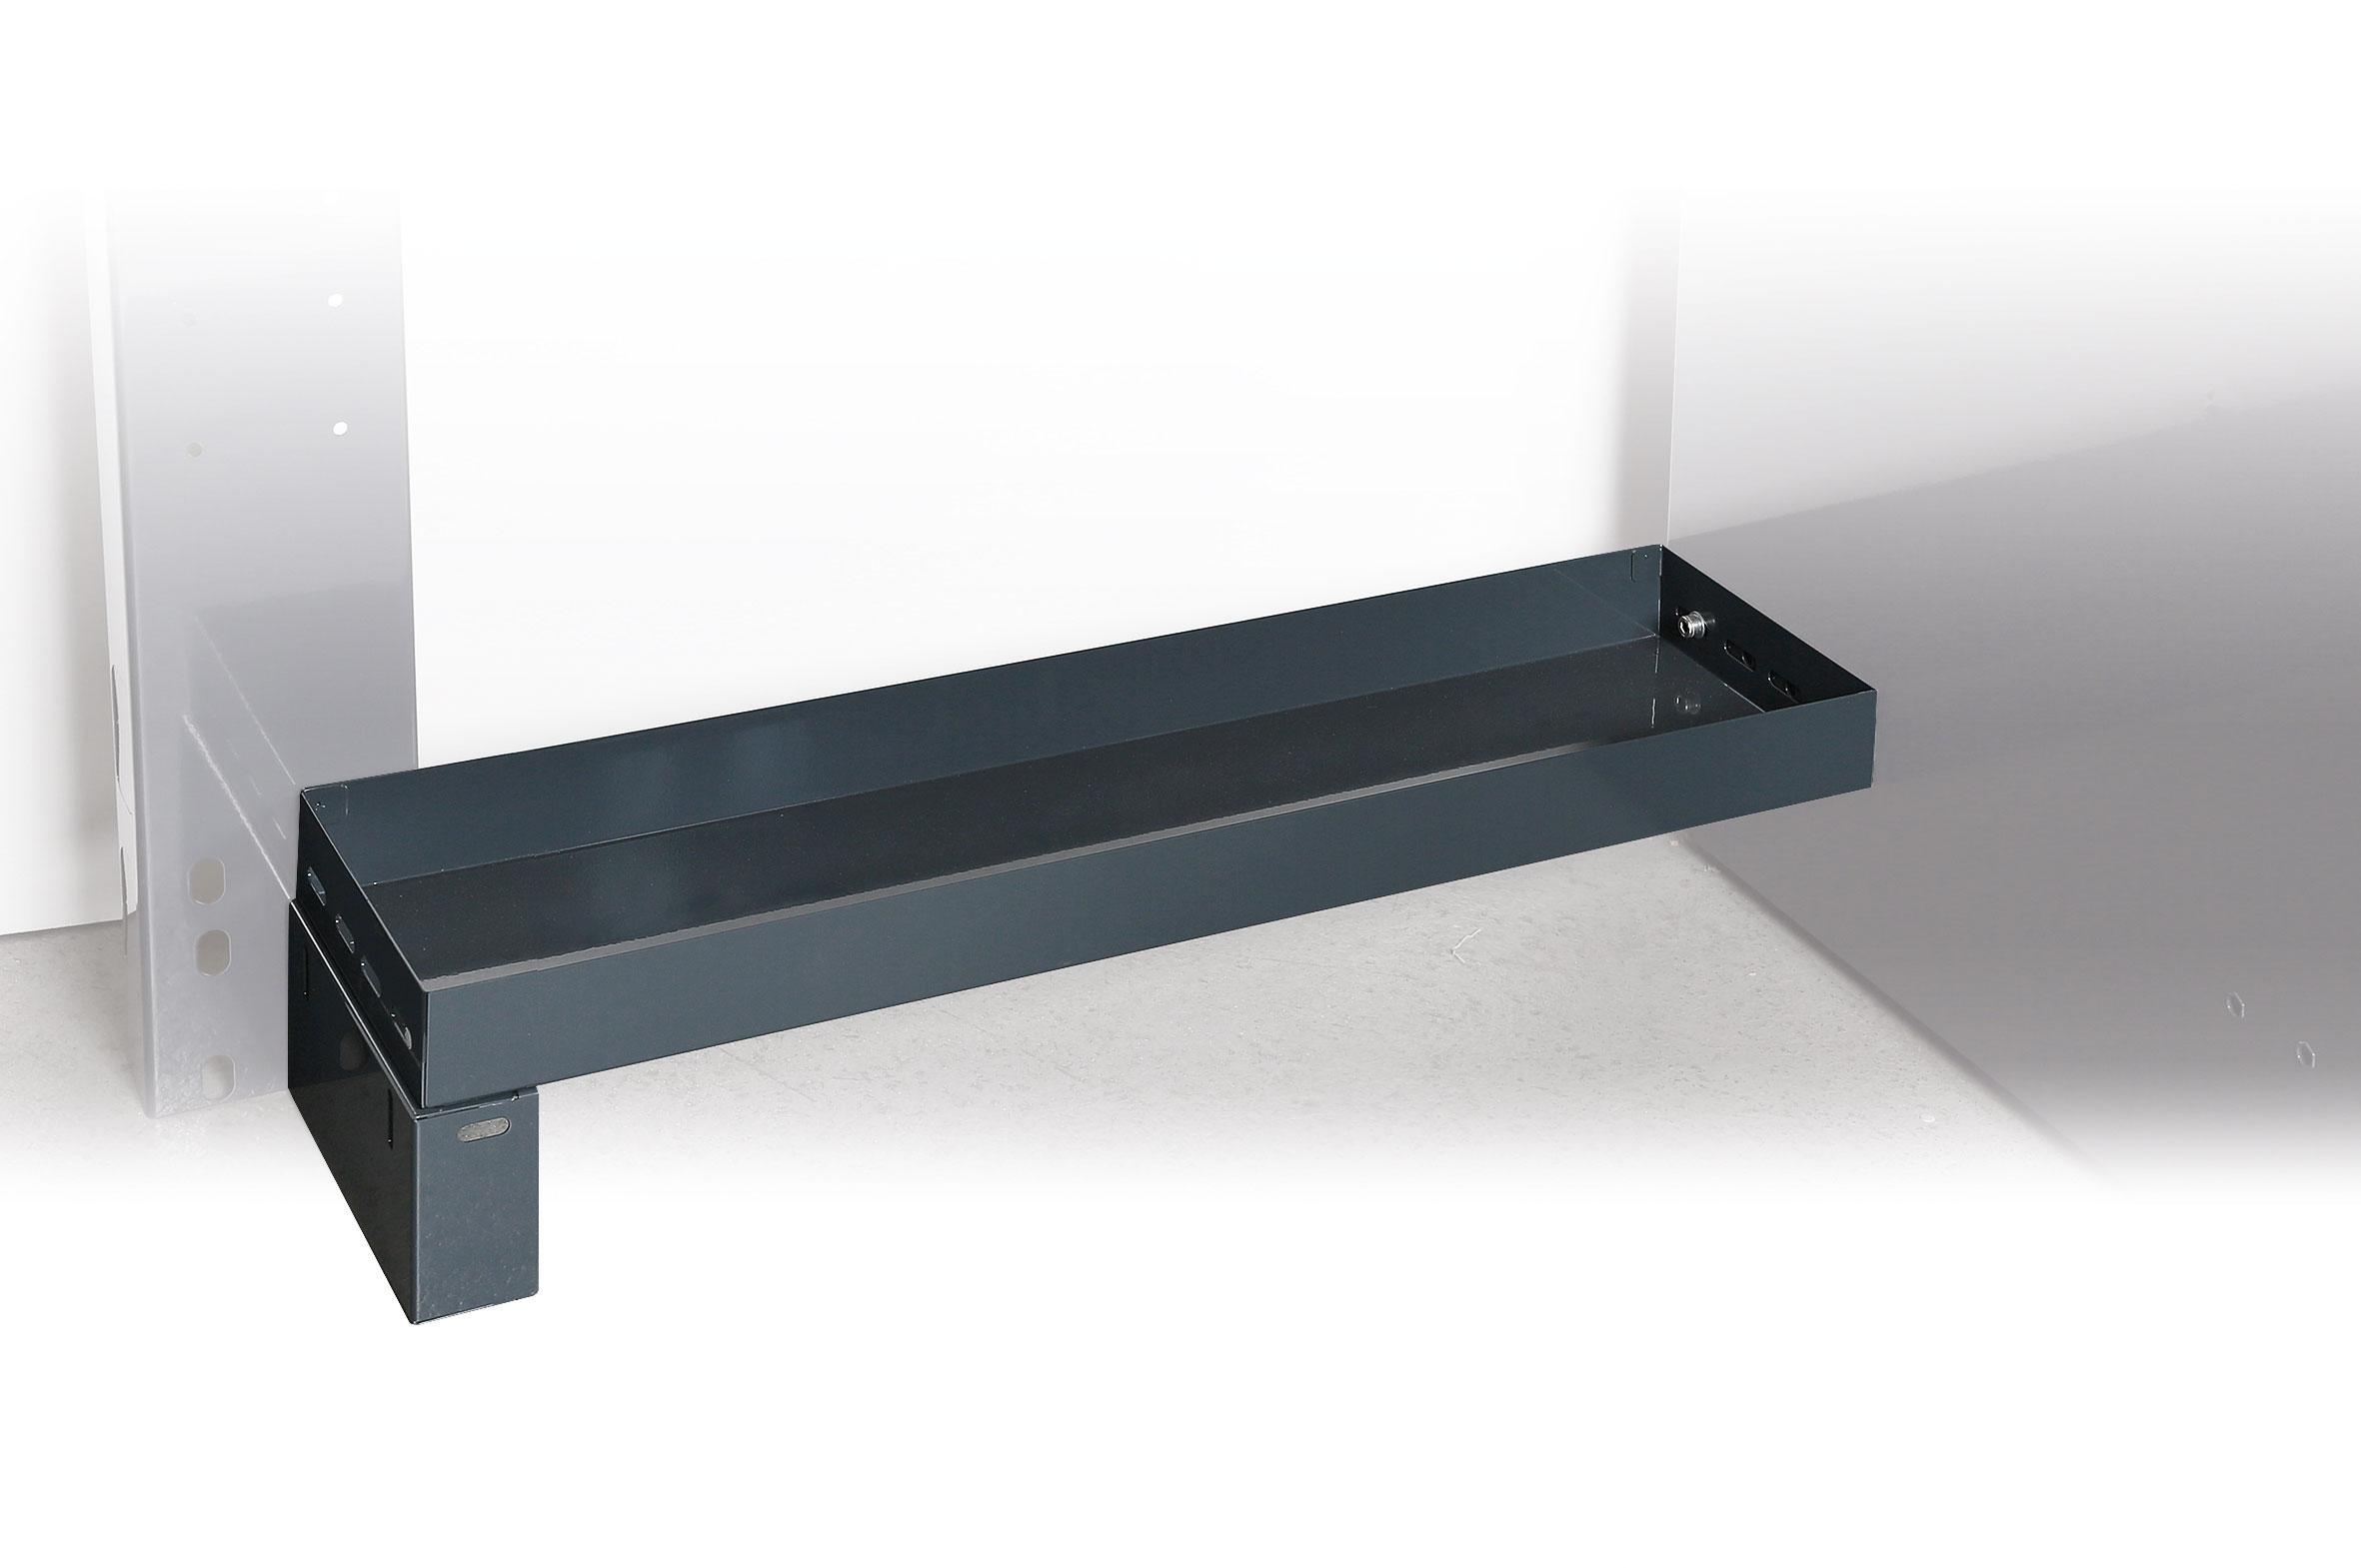 Töölaua alimine kinnitus, 0.8 m pikk